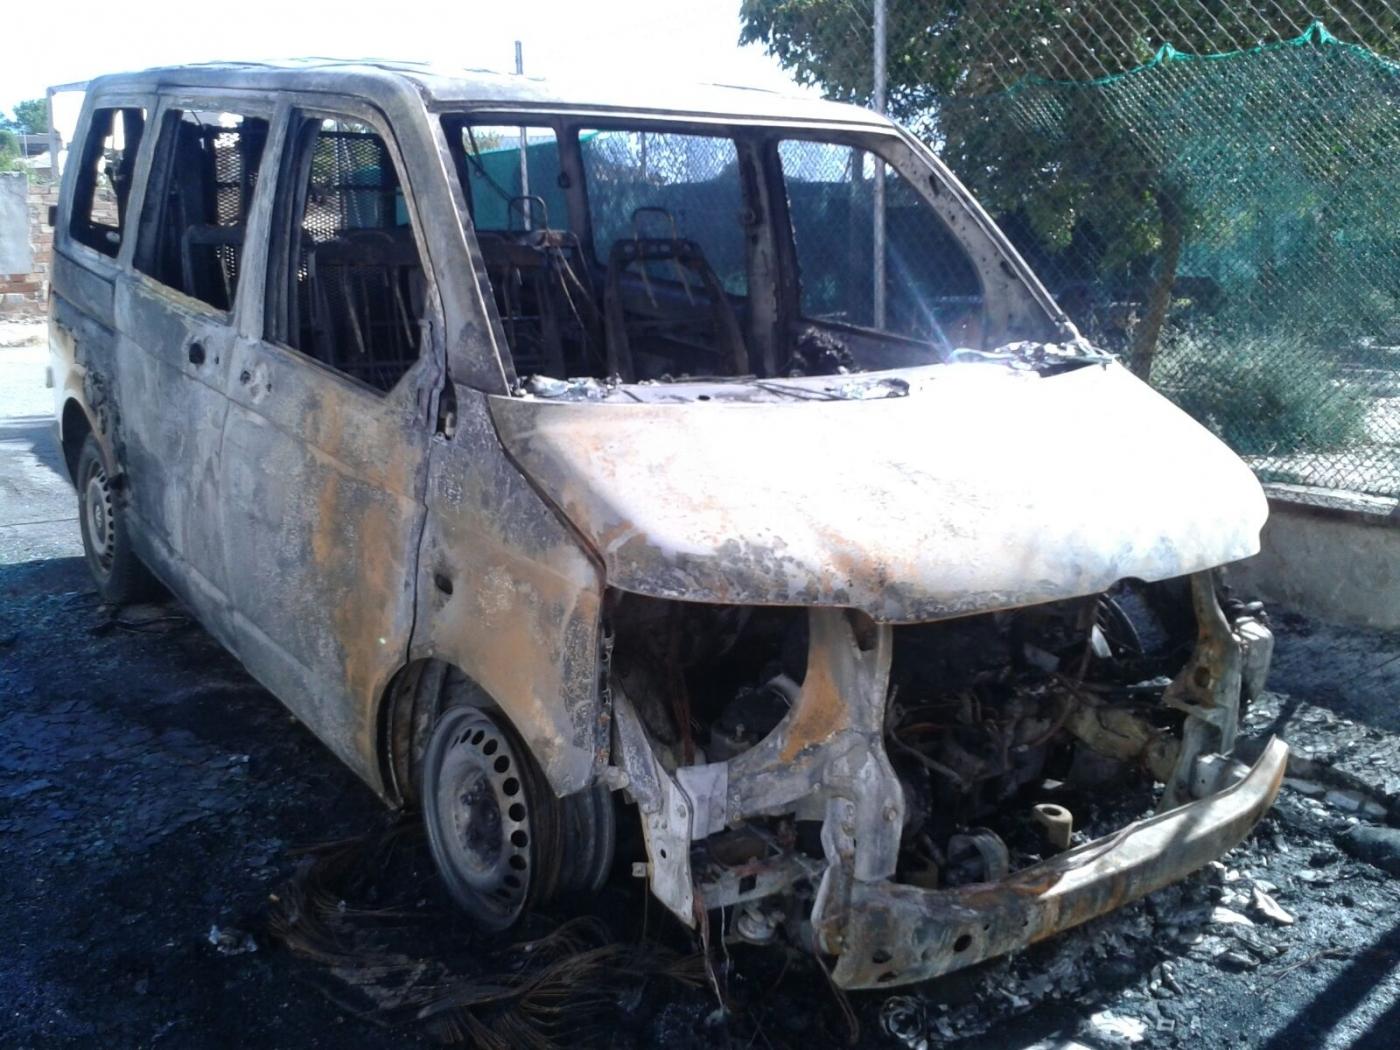 Comunicat de l'Associació Alba en relació a l'incendi de la furgoneta del seu centre Espígol a Cervera.